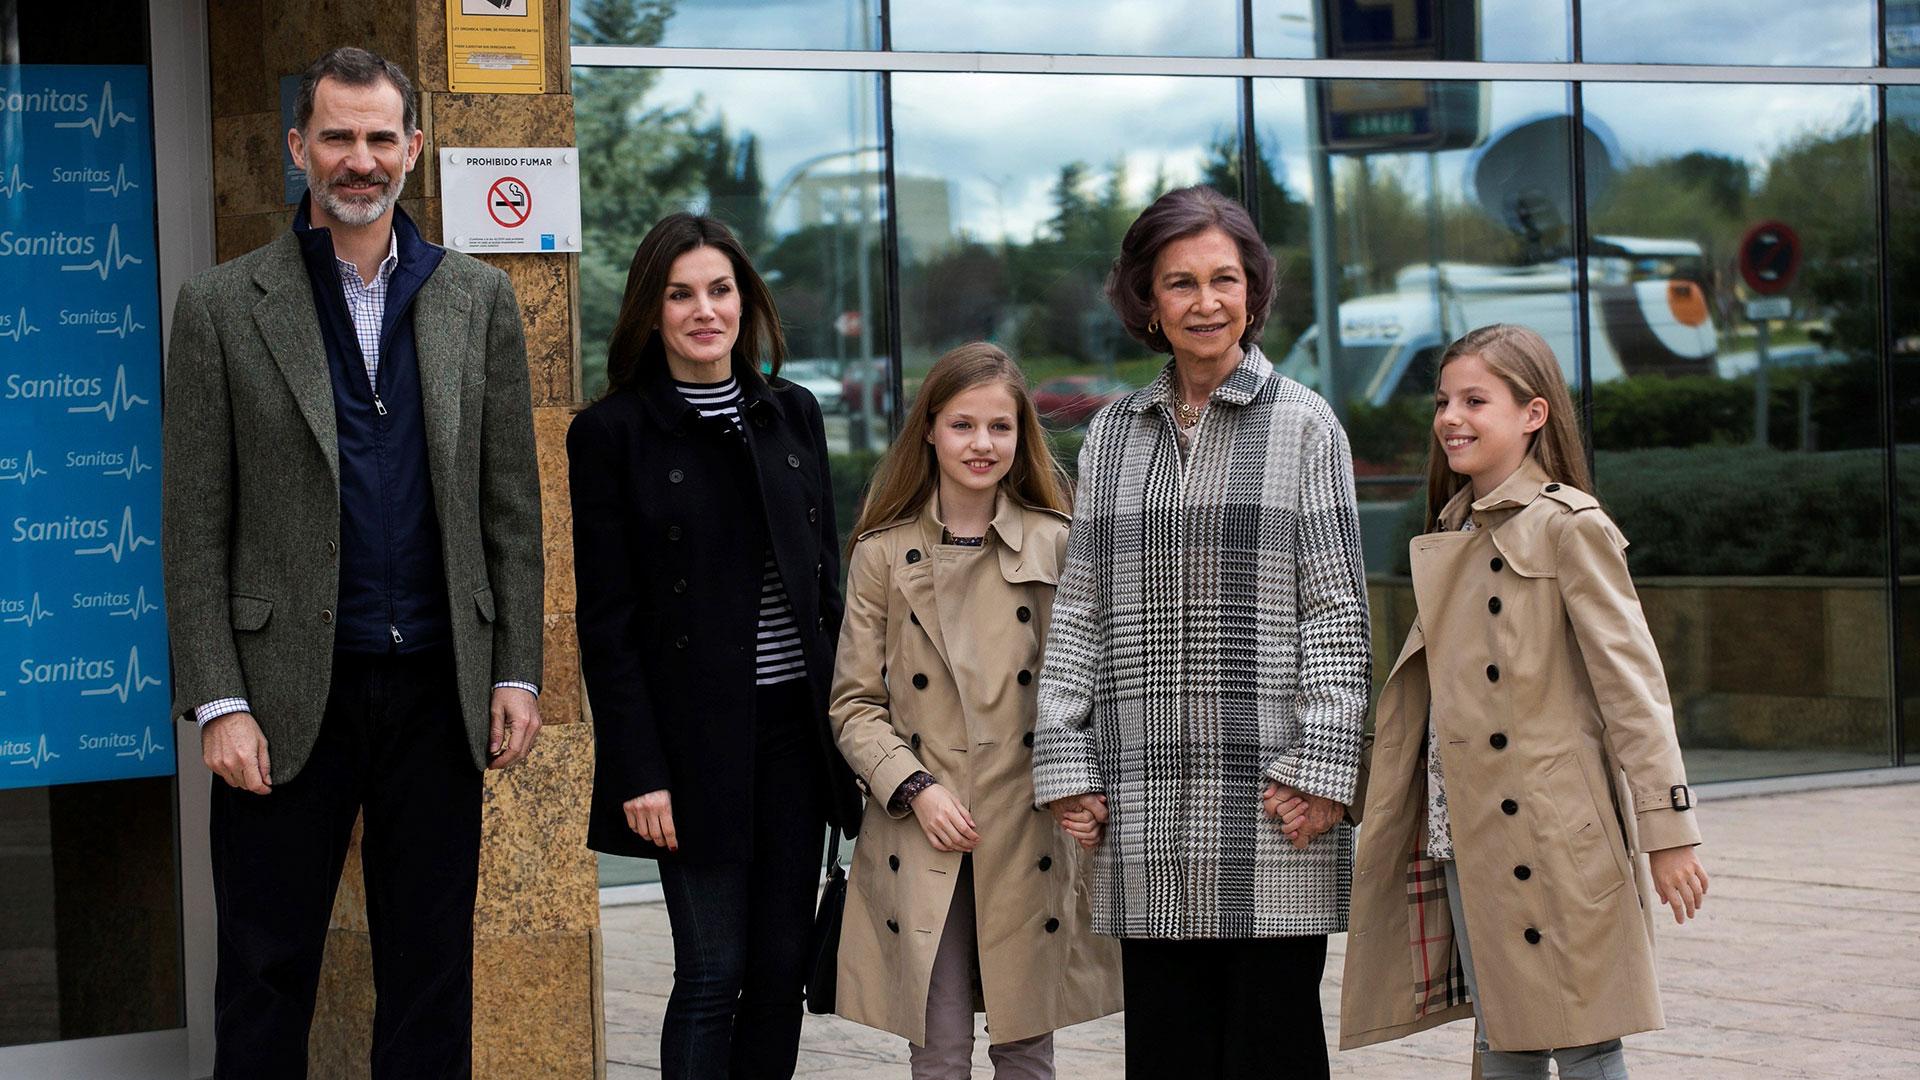 Para silenciar la repercusión de aquel escándalo y el acoso de prensa,la familia real se mostró unida a la hora de visitar a Juan Carlos que se encontraba en una situación delicada por lo que las visitas al hospital fueron frecuentes.